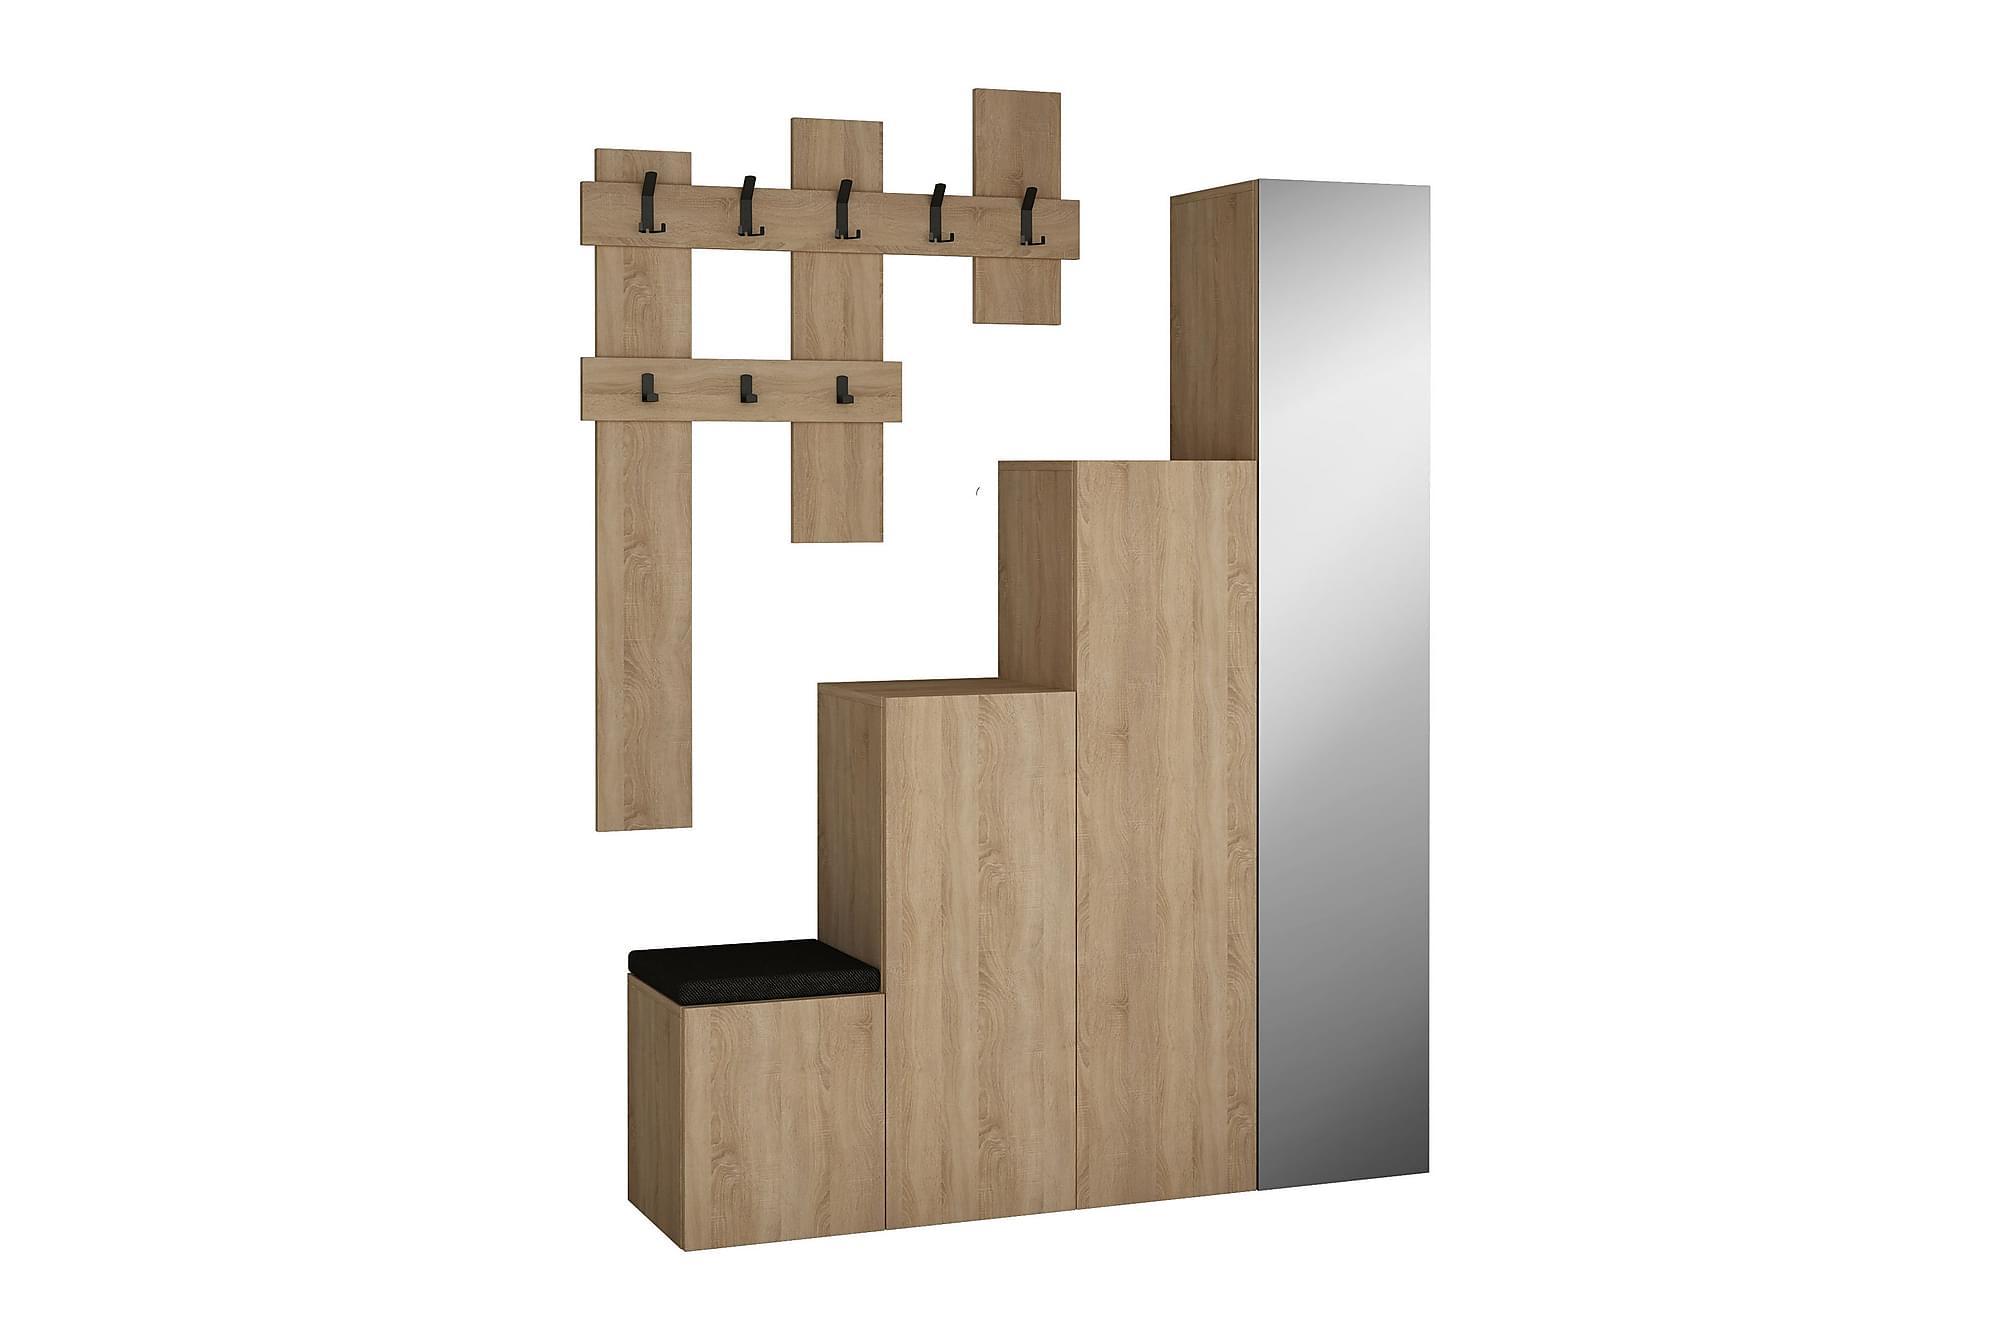 CORALEE Hallförvaring Spegel Trä, Klädförvaringssystem